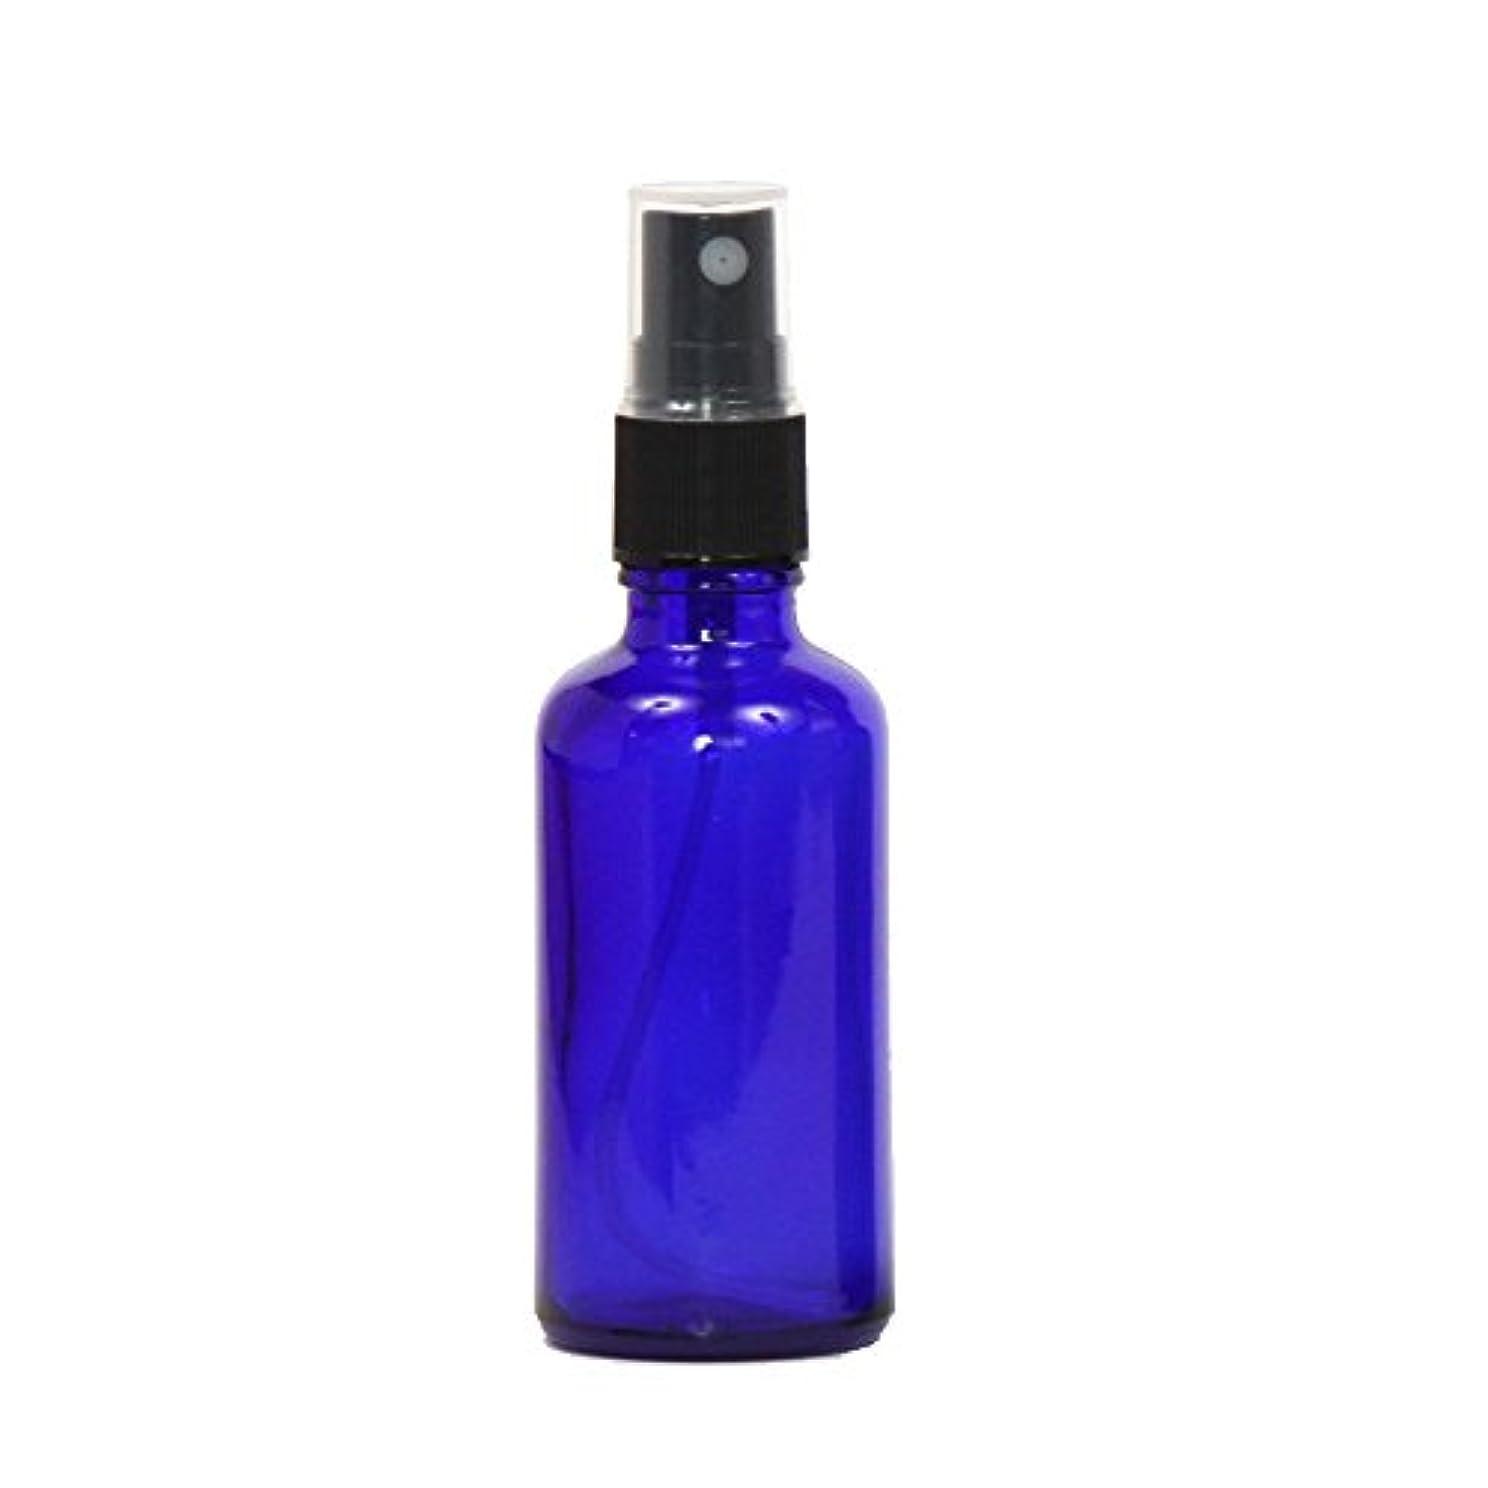 消費統合器用スプレー容器 ガラス瓶ボトル 50mL 遮光性ブルー おしゃれガラスアトマイザー 空容器bu50g